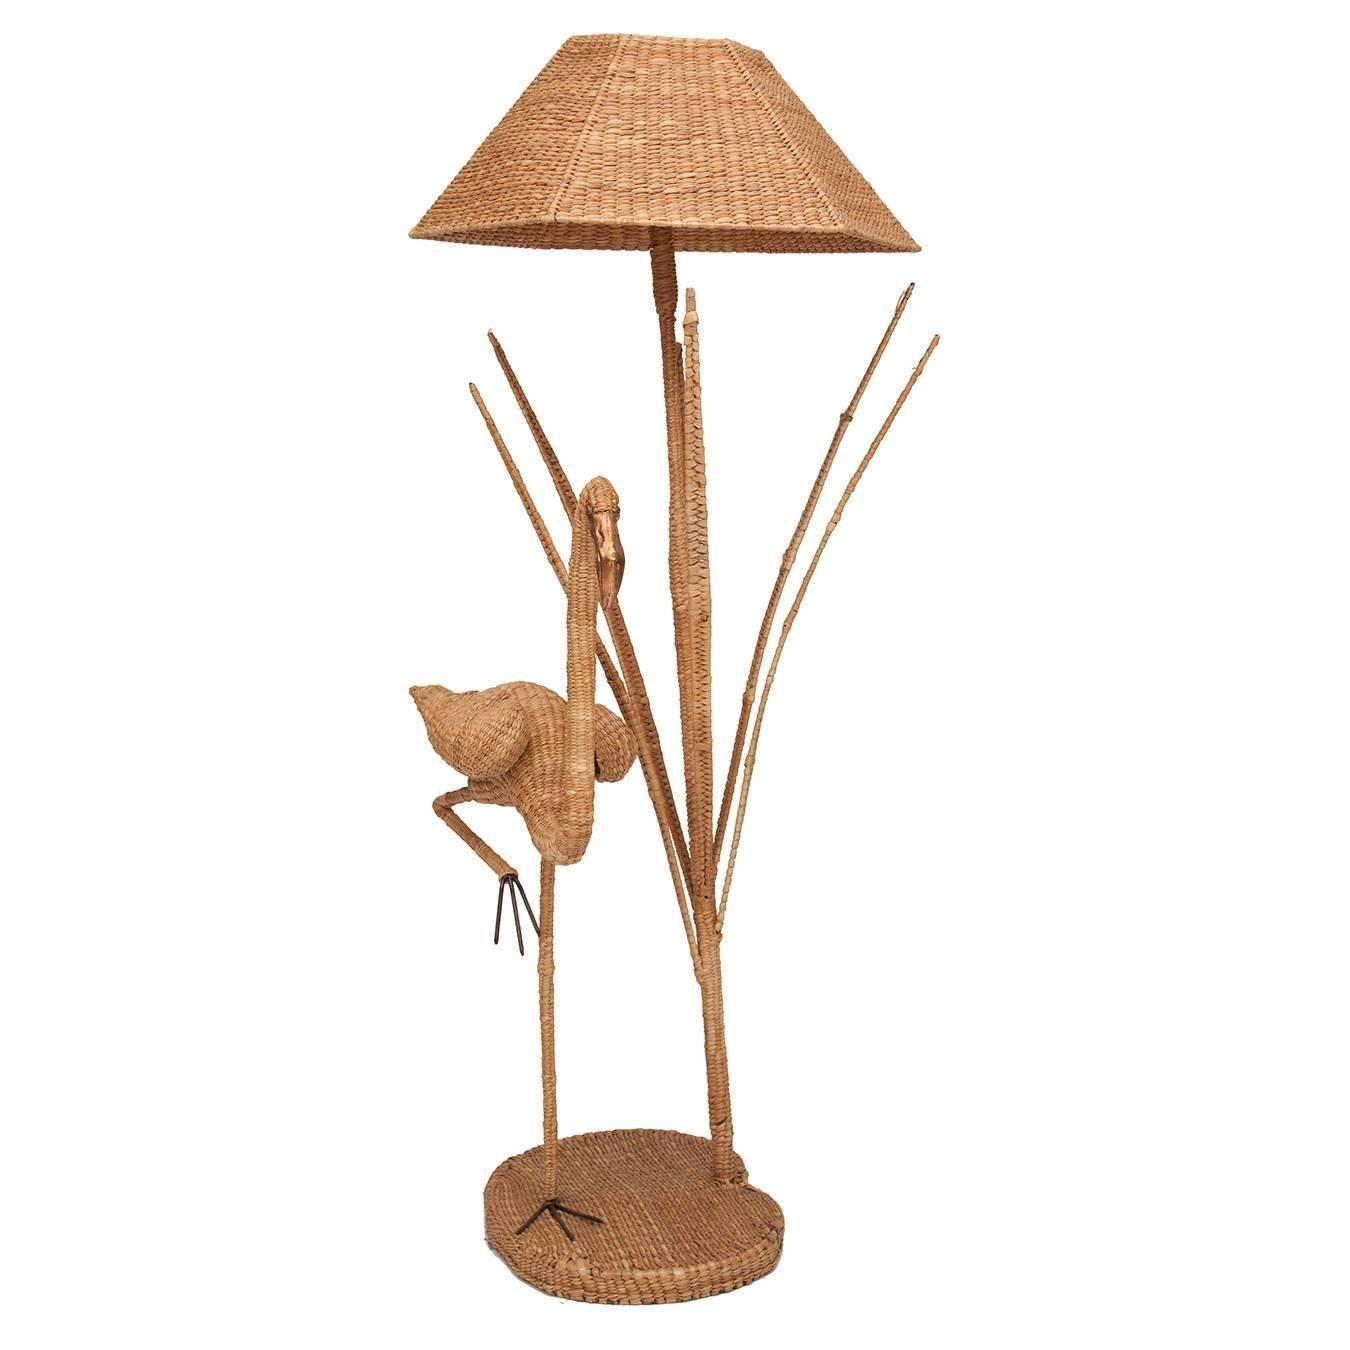 5242c0c1058dd Mario Lopez Torres Flamingo Wicker Floor Lamp with Bronze Accent ...